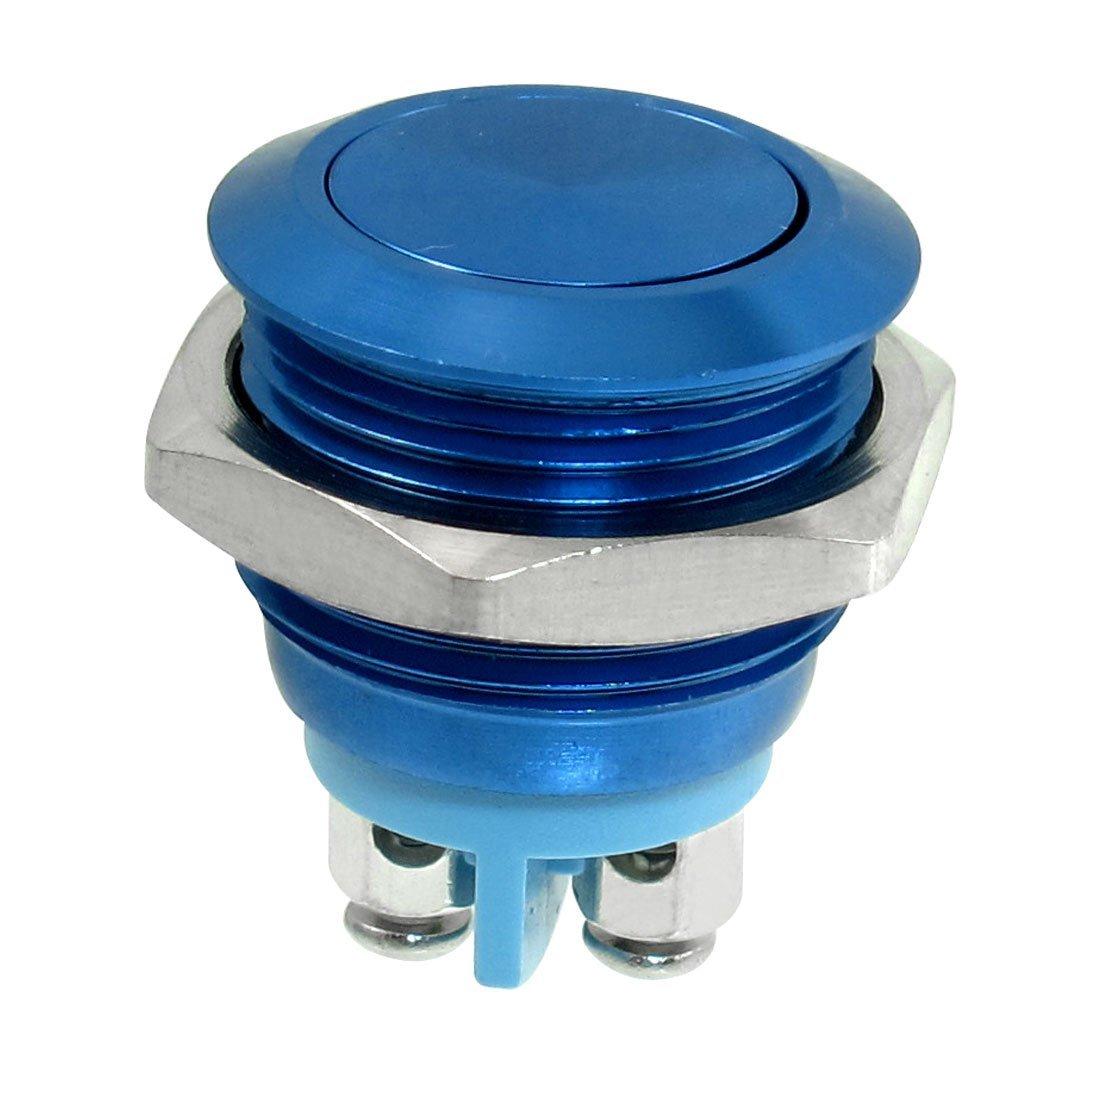 SODIAL(R) 16mm Encastre Momentane SPST Bleu Acier inoxydable ronde Commutateur de bouton poussoir